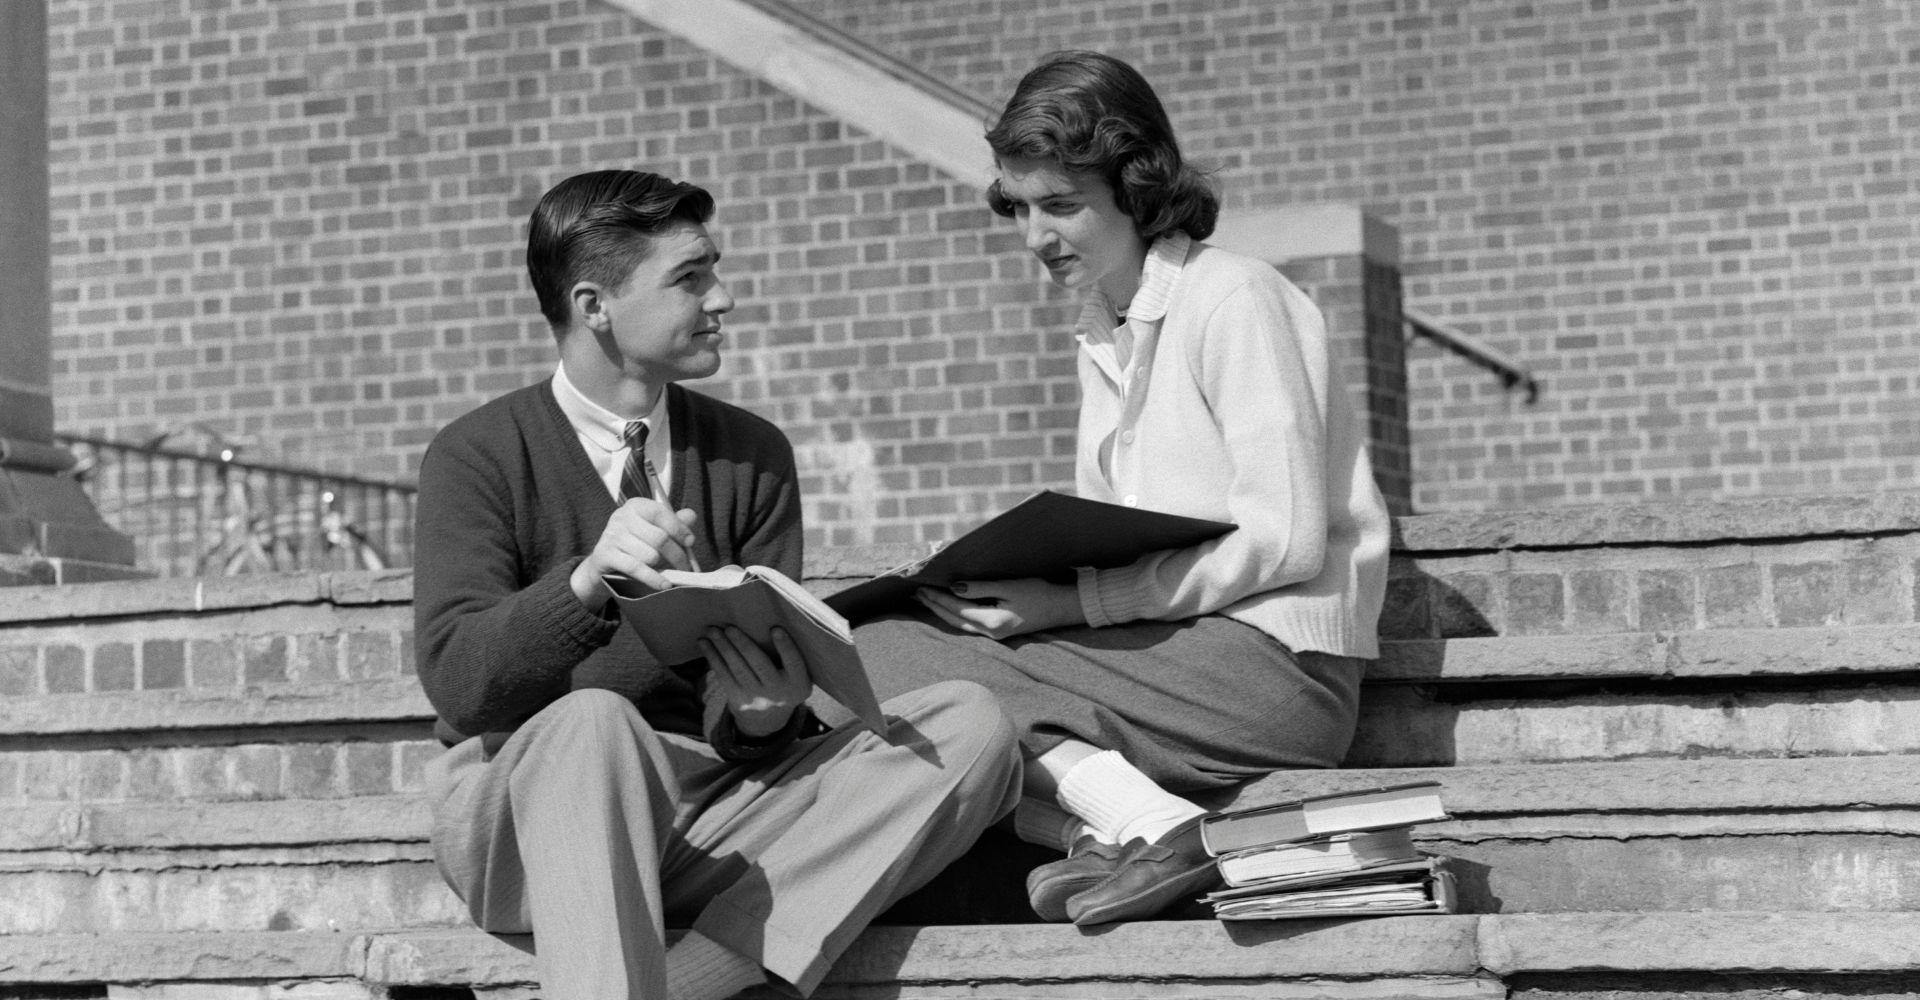 Amicizie che sconfiggono i mostri: consigli di lettura per celebrare i legami senza tempo